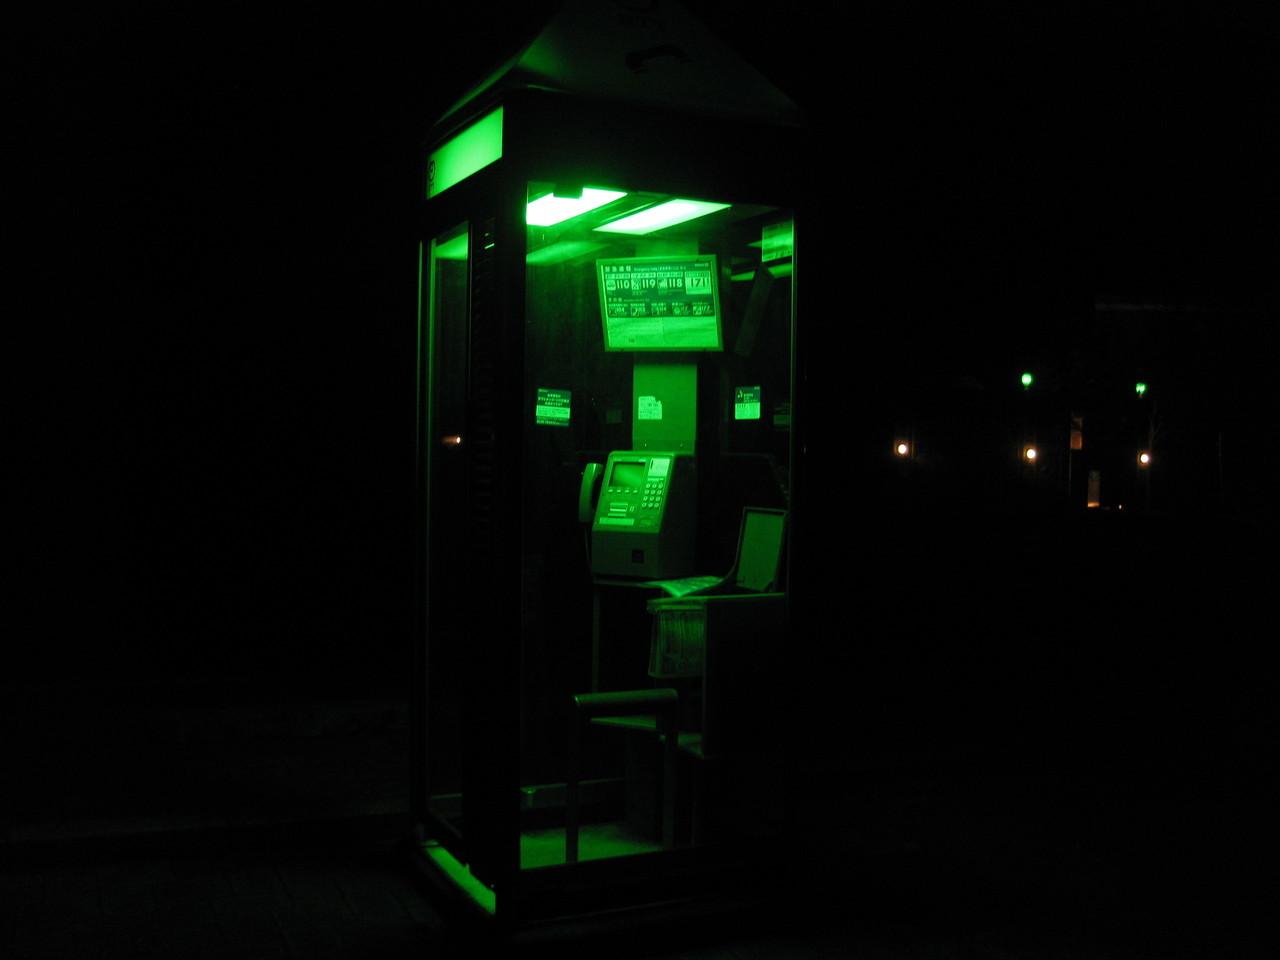 緑に輝く電話ボックス_f0236260_23105369.jpg